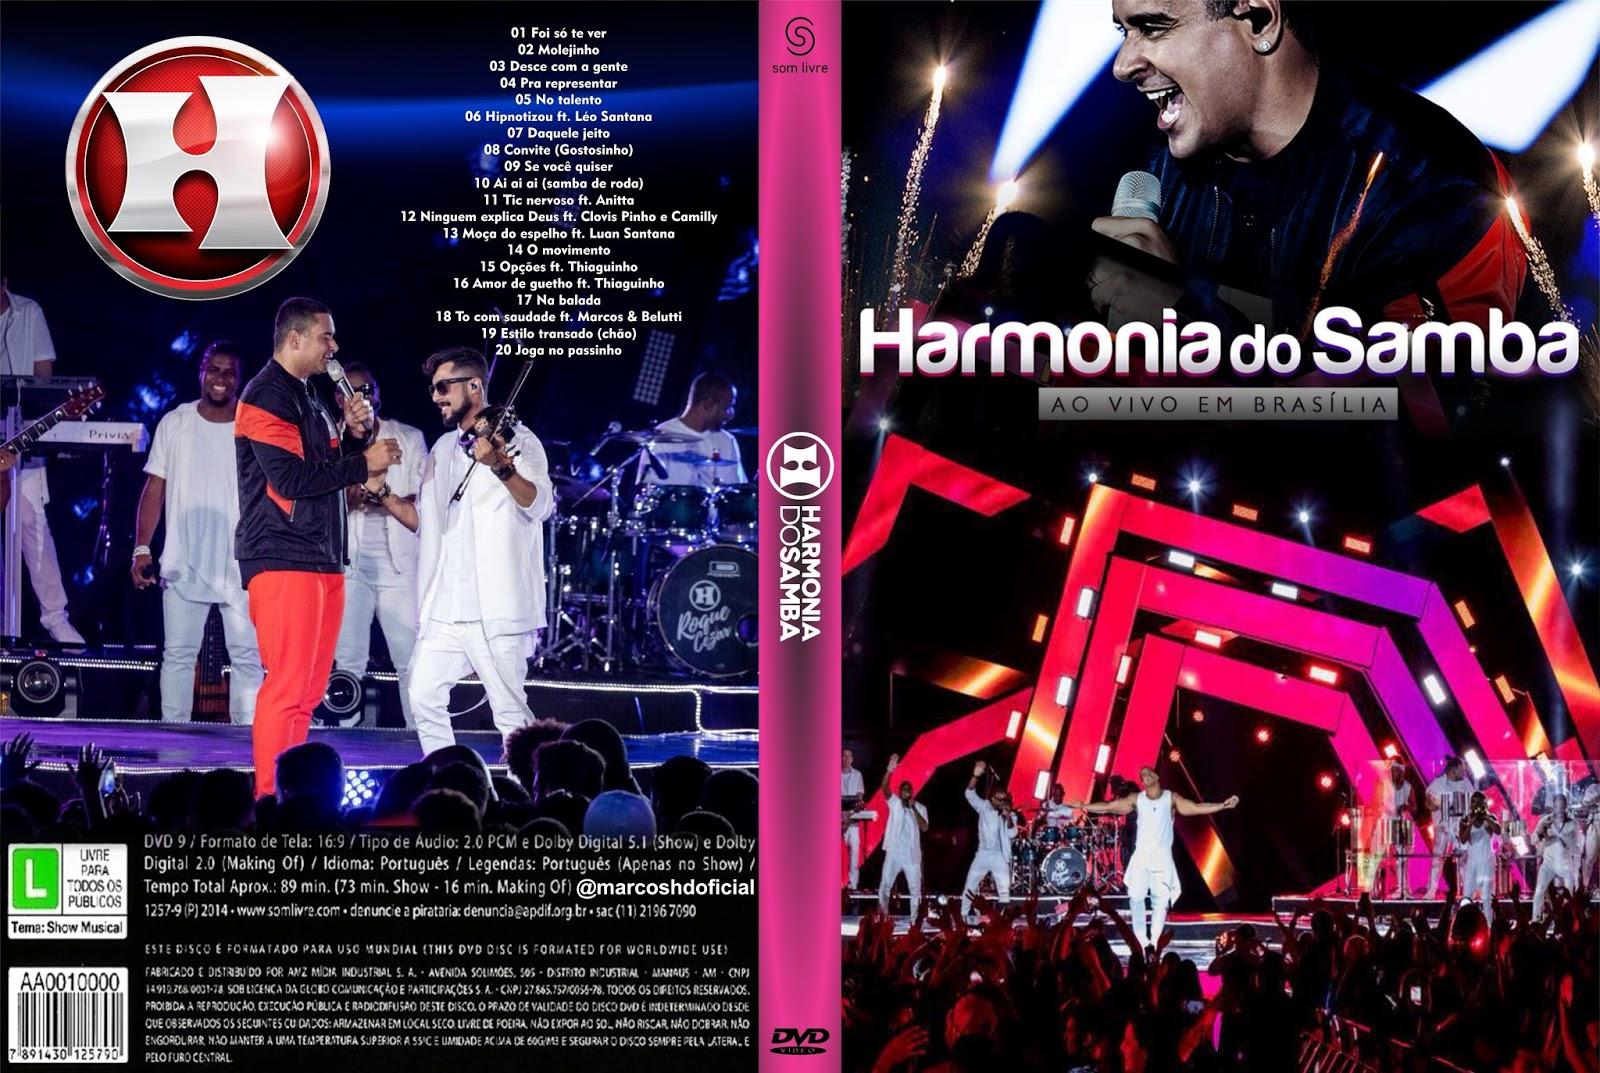 BAIXAR MANAUS DVD RMVB SAMBA EM DO HARMONIA